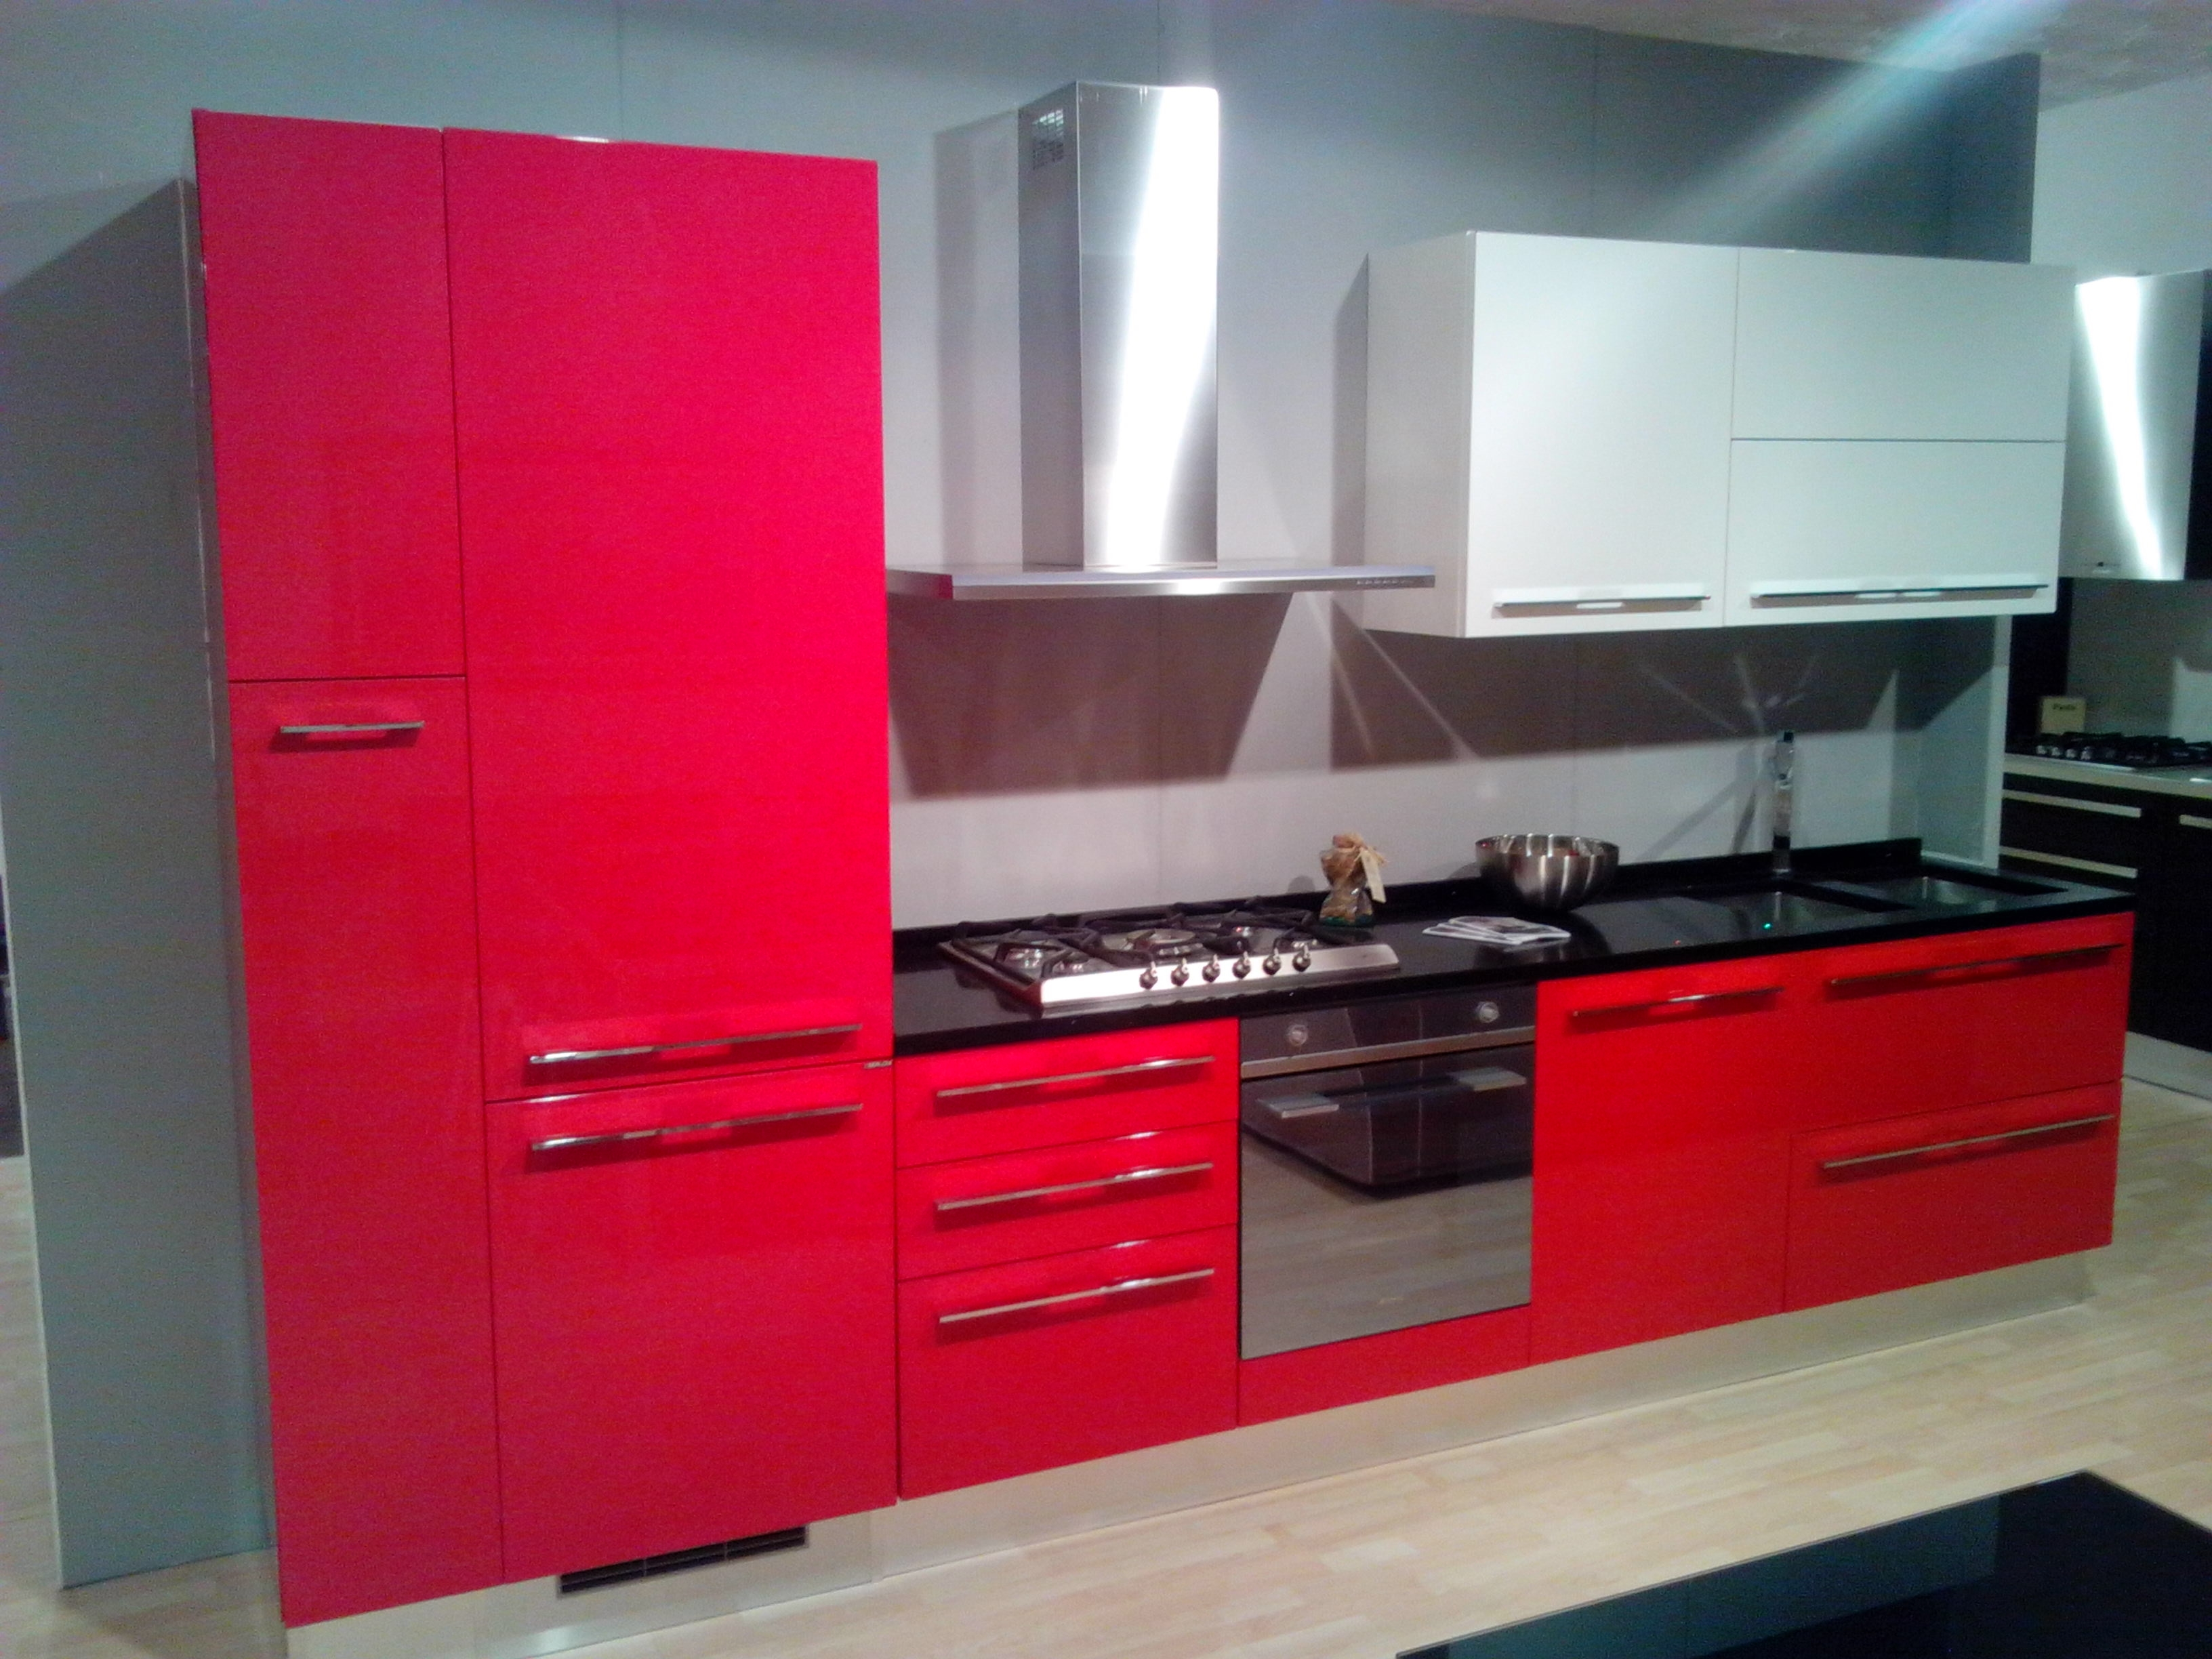 Cucine Componibili Berloni - Decorating Interior Design - govinda.us